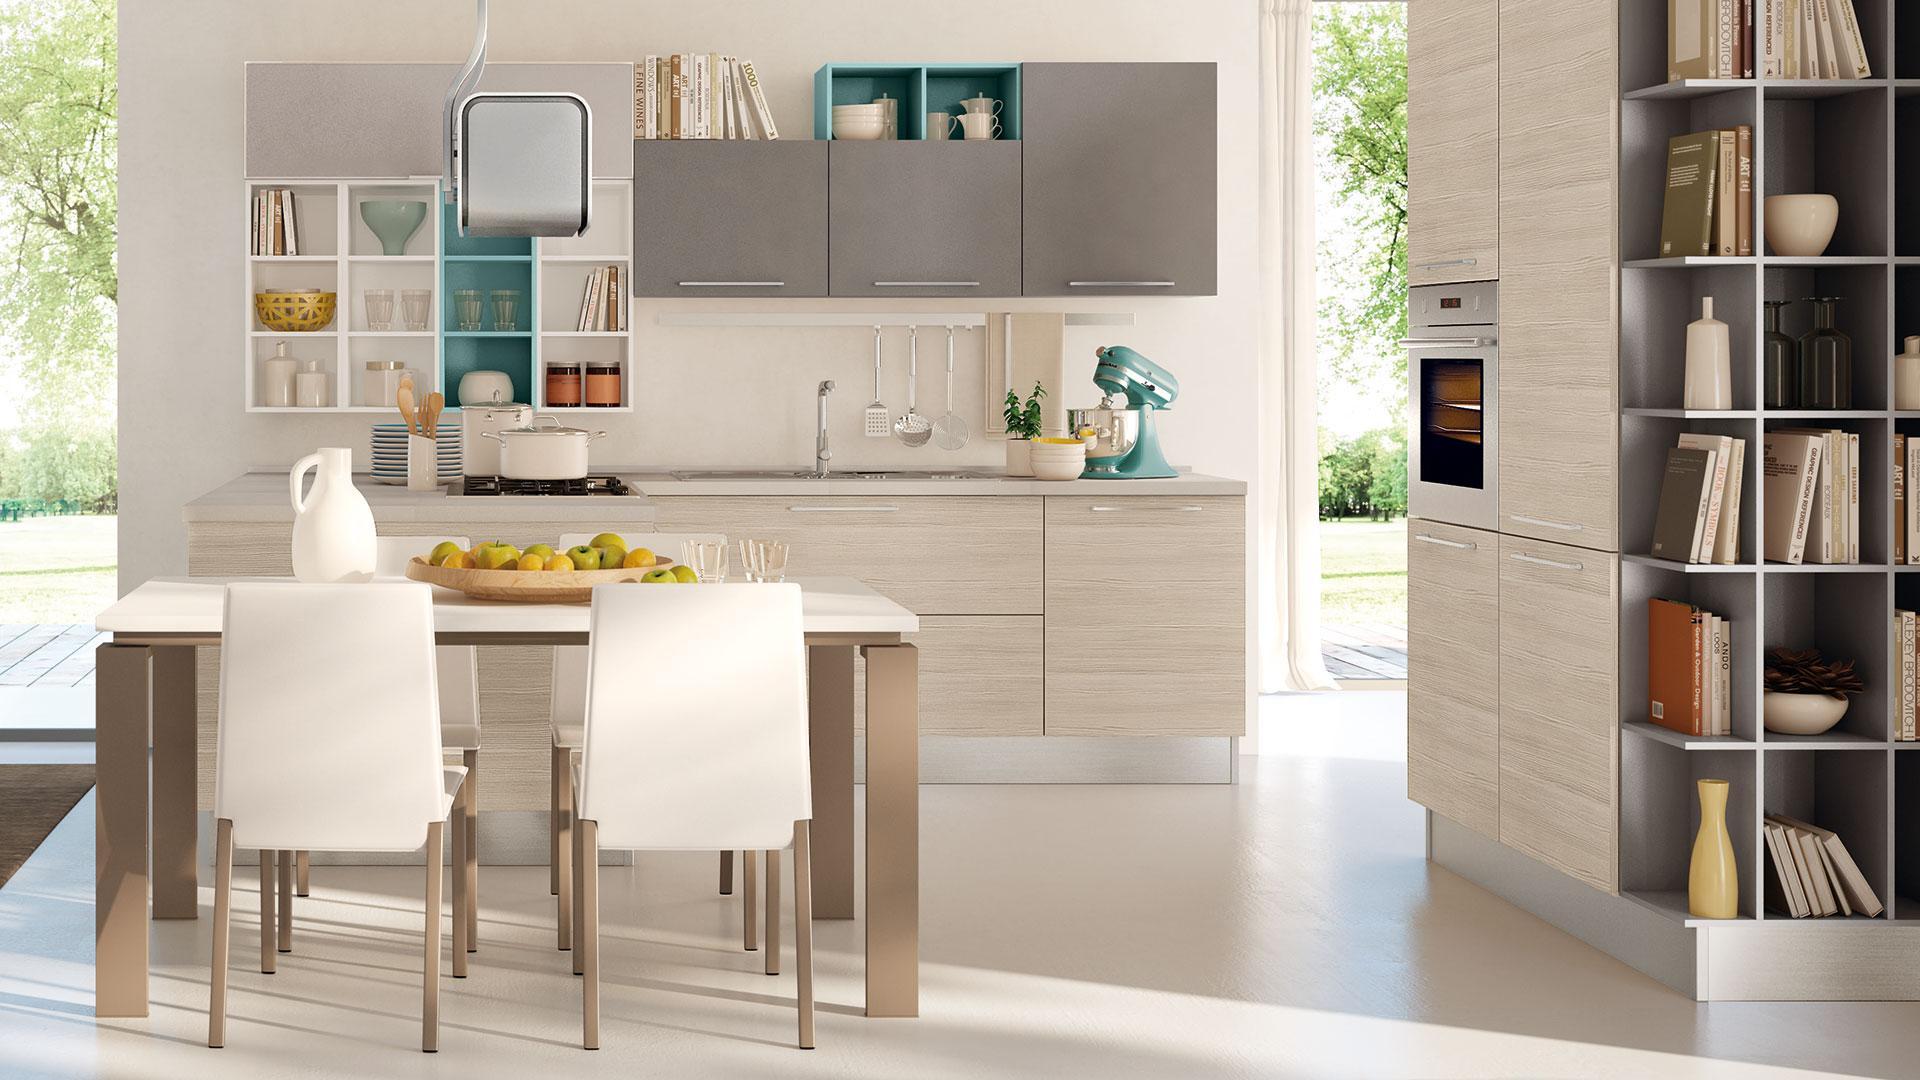 108490-swing - Lube e Creo Store Corsico - Vendita Cucine Lube e Creo